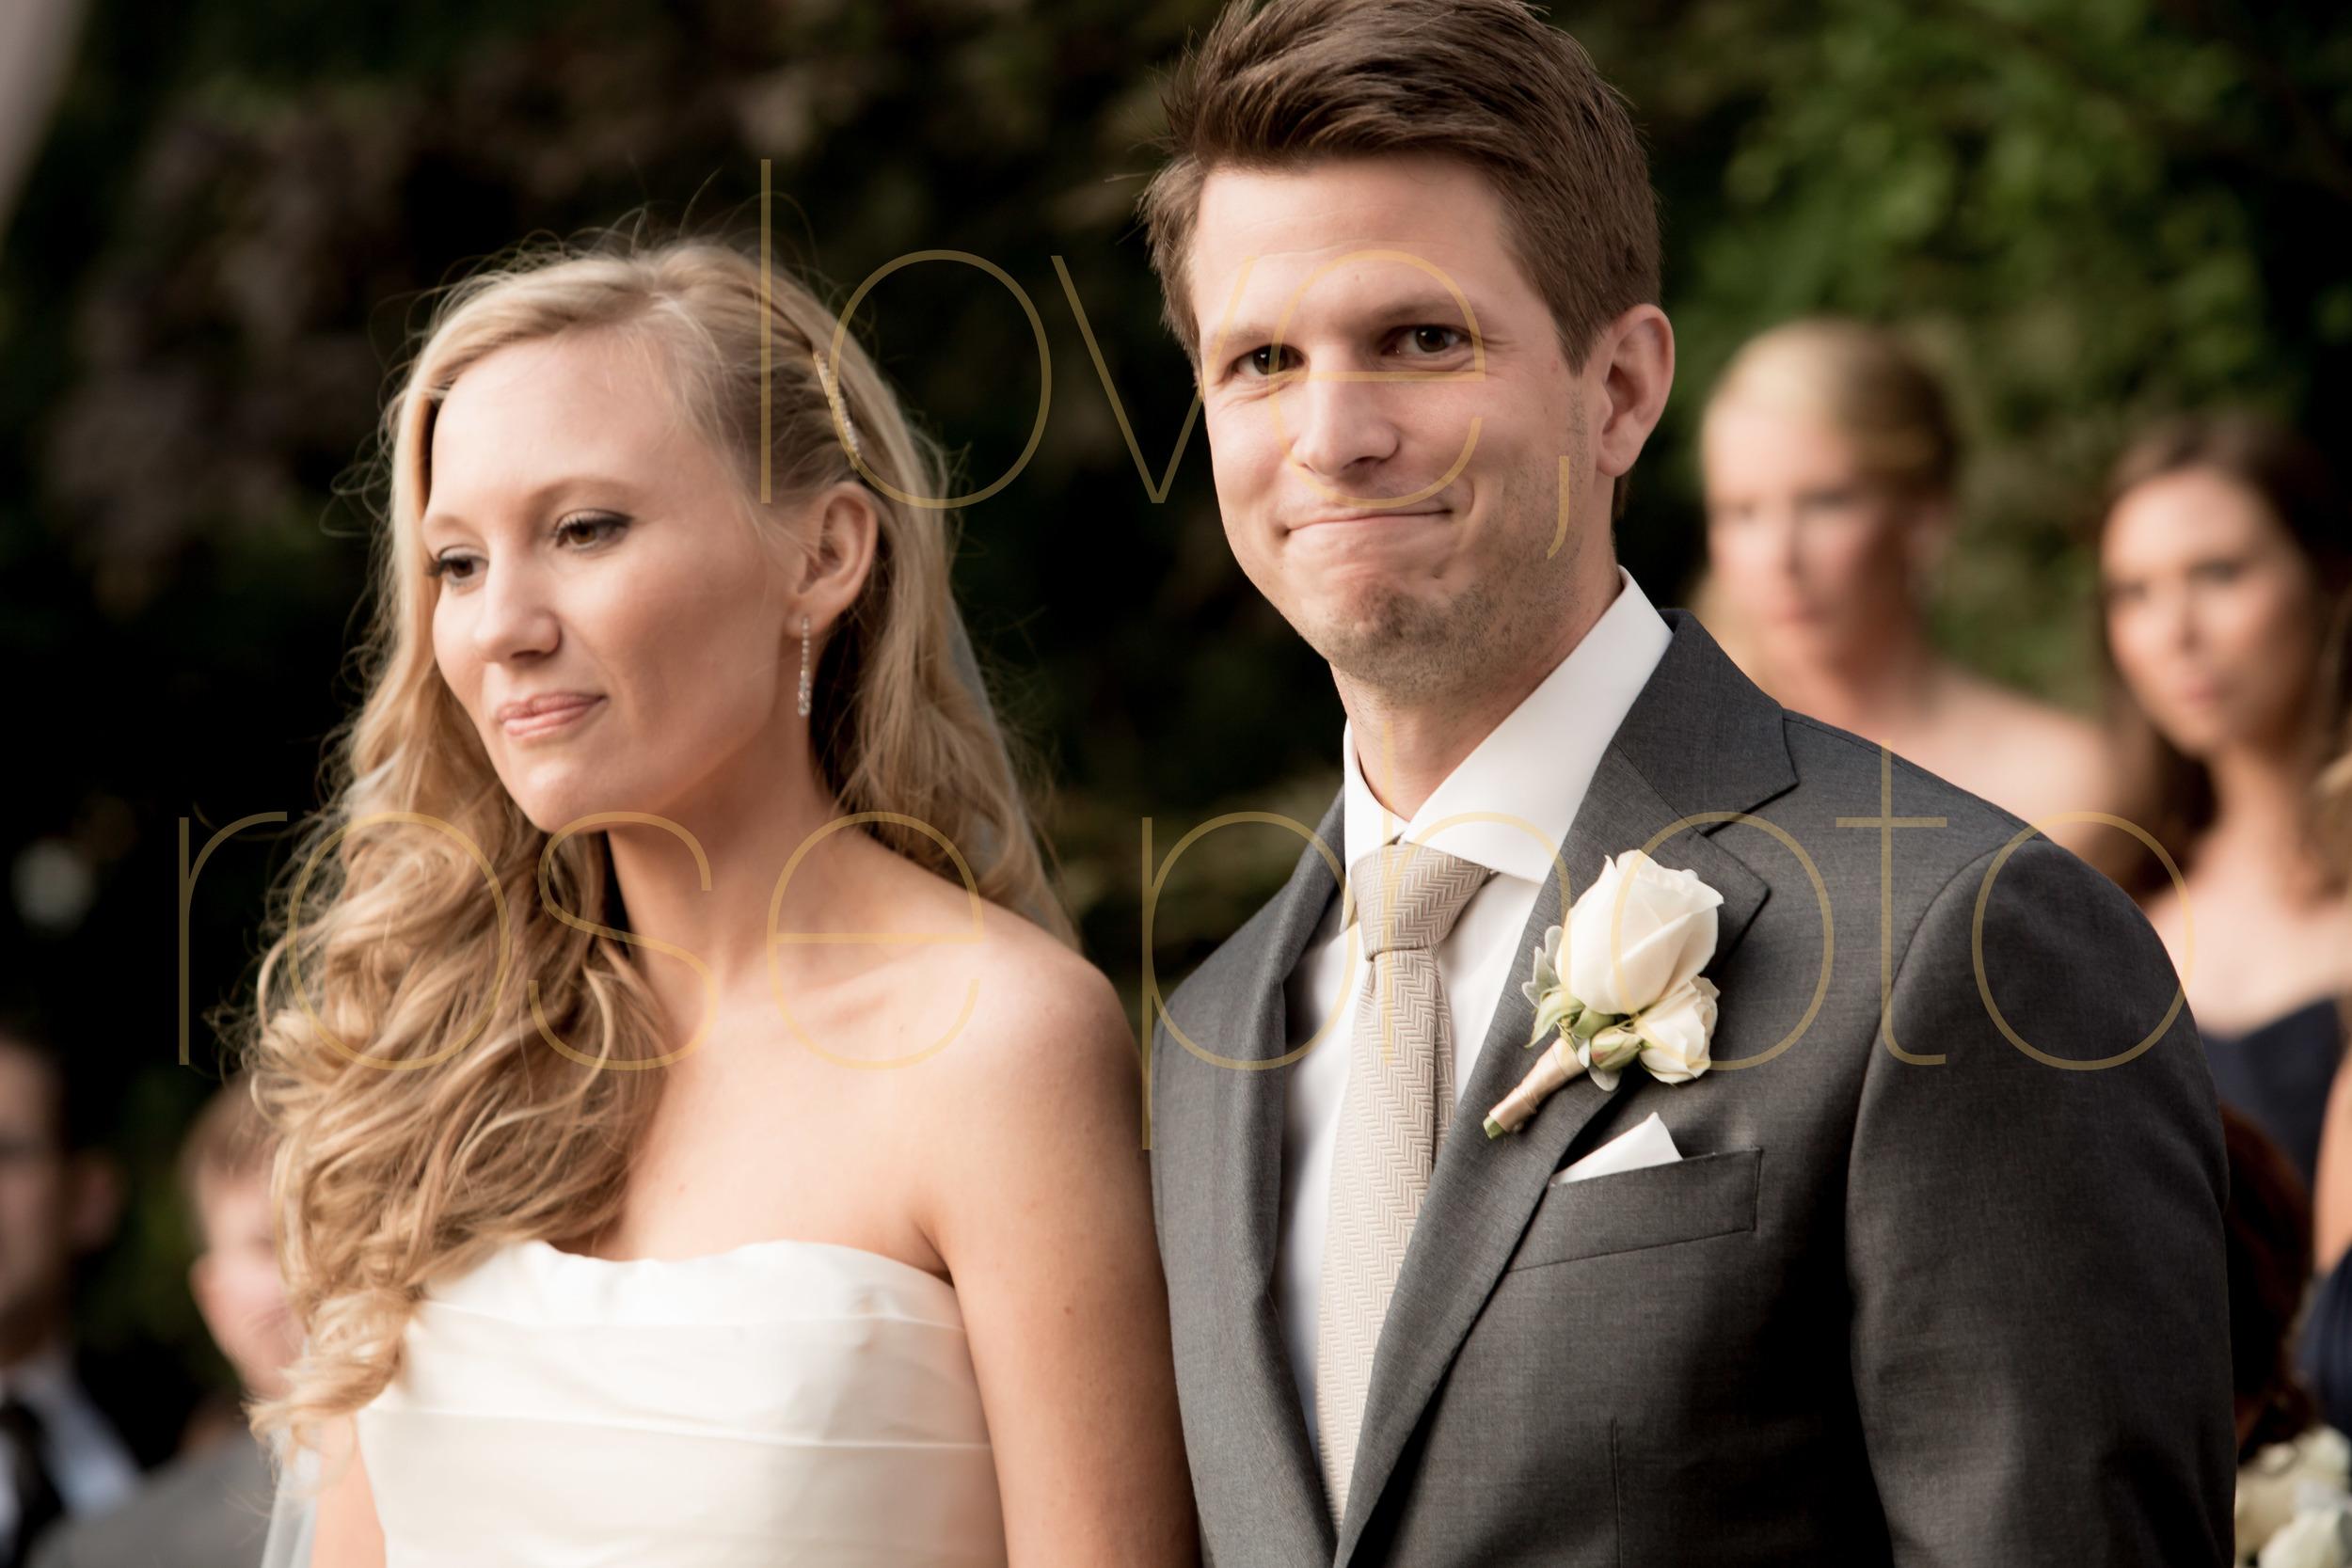 Jodie + Phil Chicago wedding Galleria Marchetti Vera Wang Modern Luxury Brides CS rosegold kinzie street brige -031.jpg